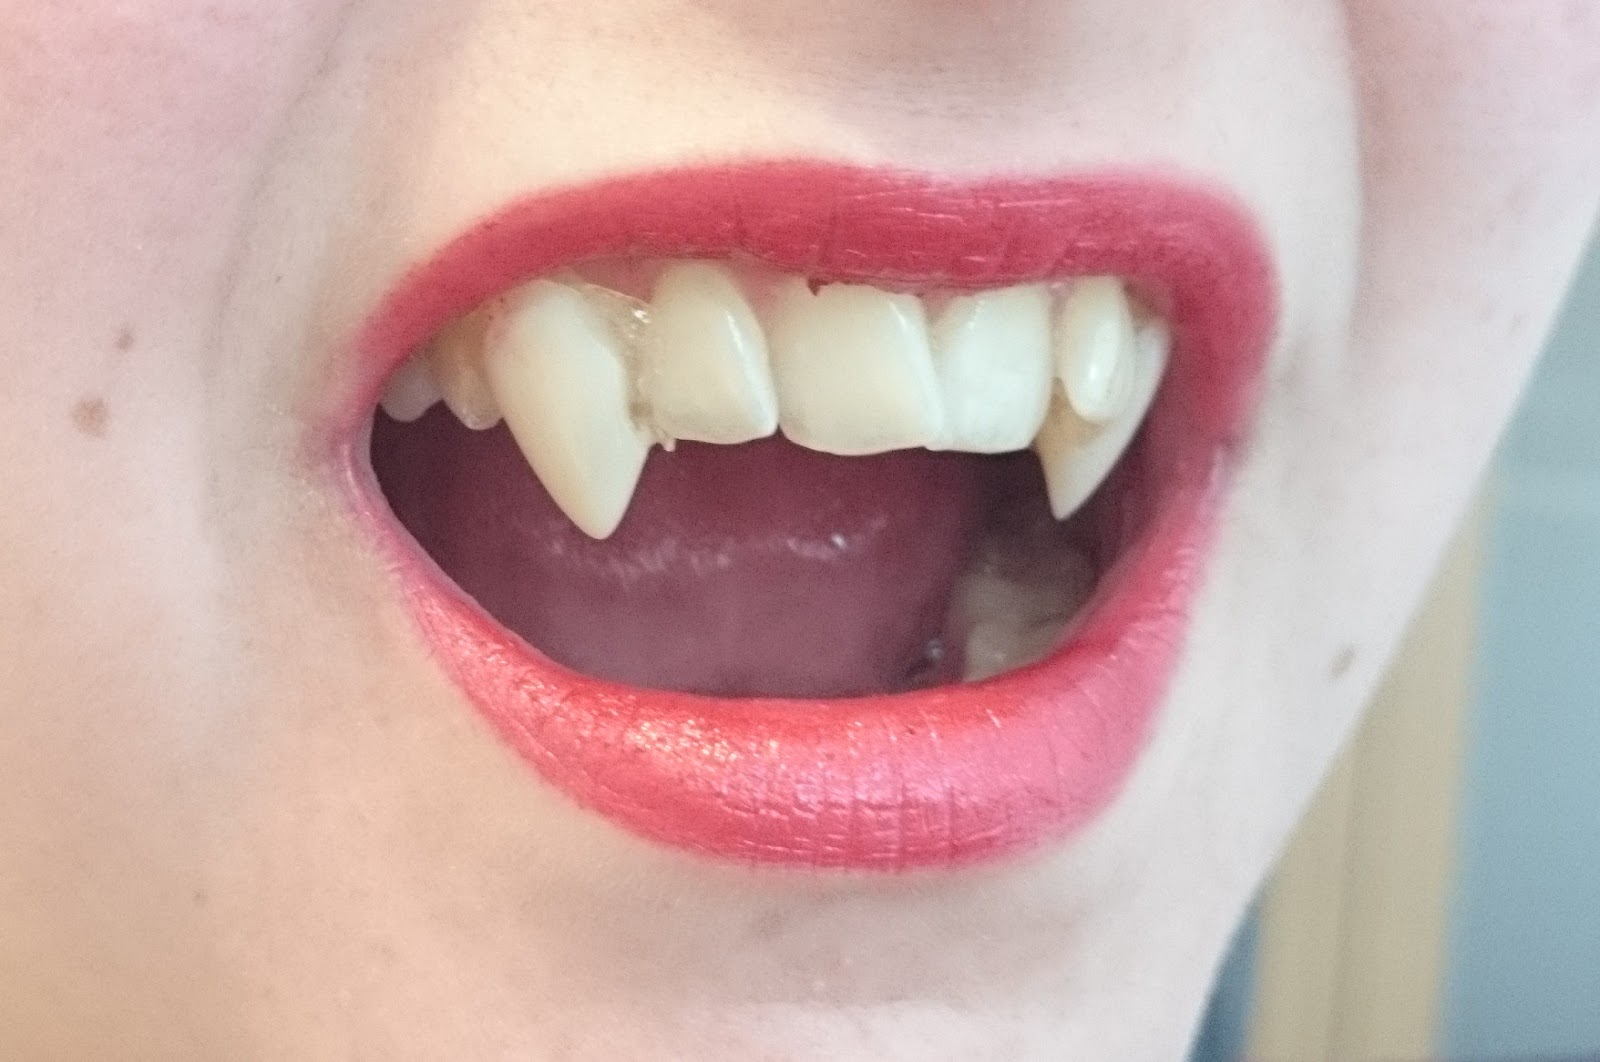 Mac Frost Lipstick Viva Glam Rihanna Tragebild Vampire